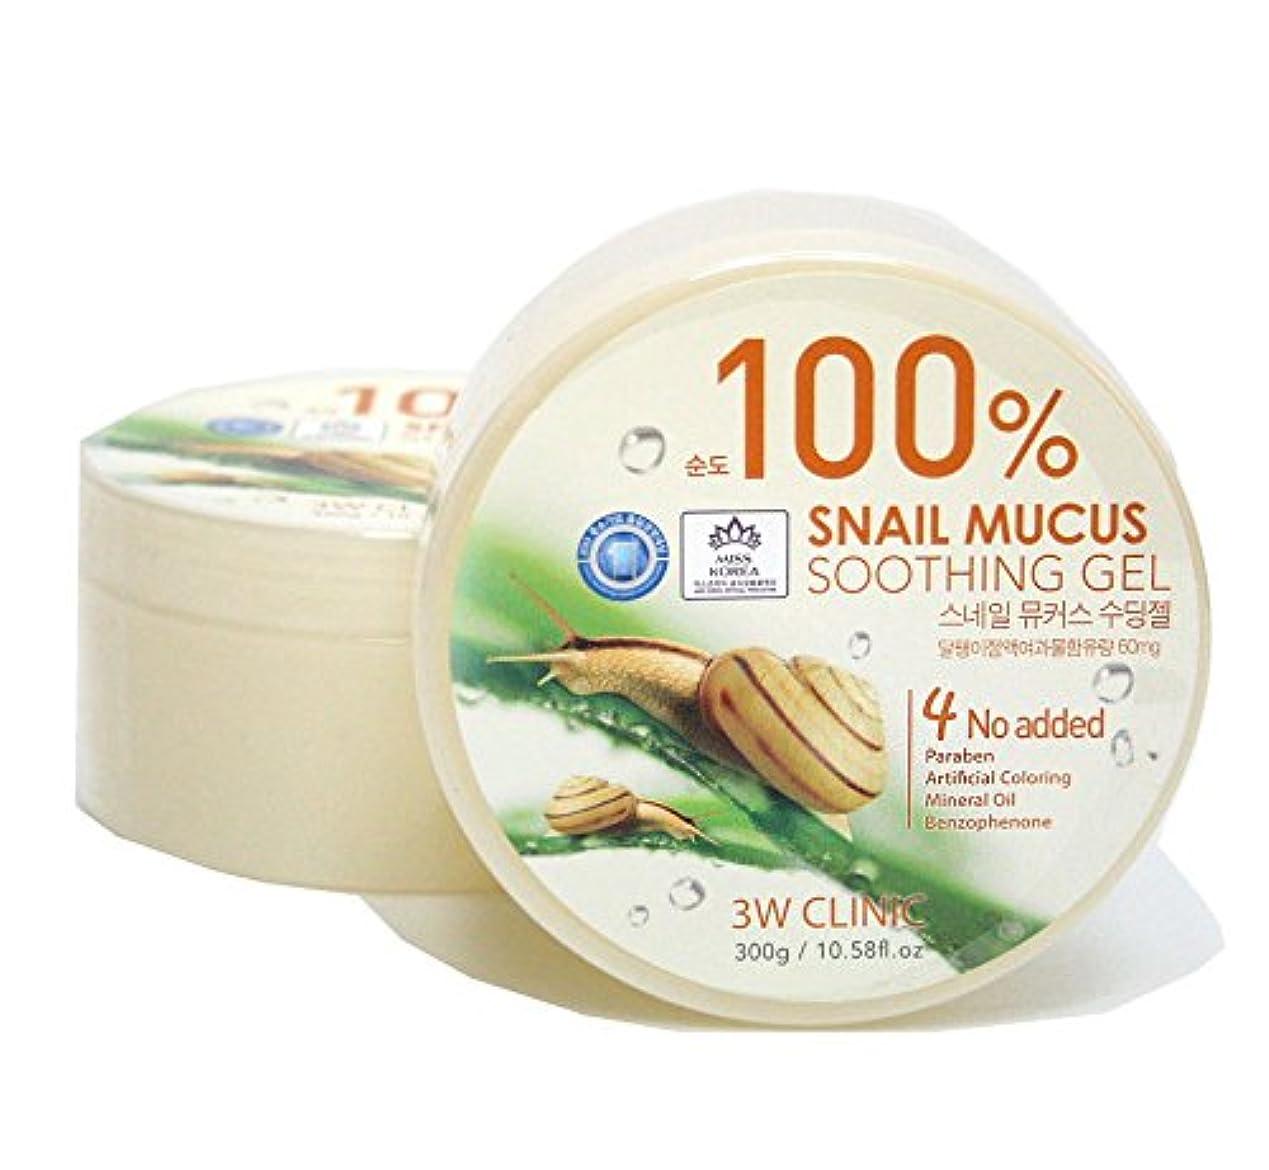 電気の障害者書店[3W CLINIC] カタツムリ粘液スージングジェル300g / Snail Mucus Soothing Gel 300g / 水分/オールスキンタイプ / Moisture / fresh and smooth /...